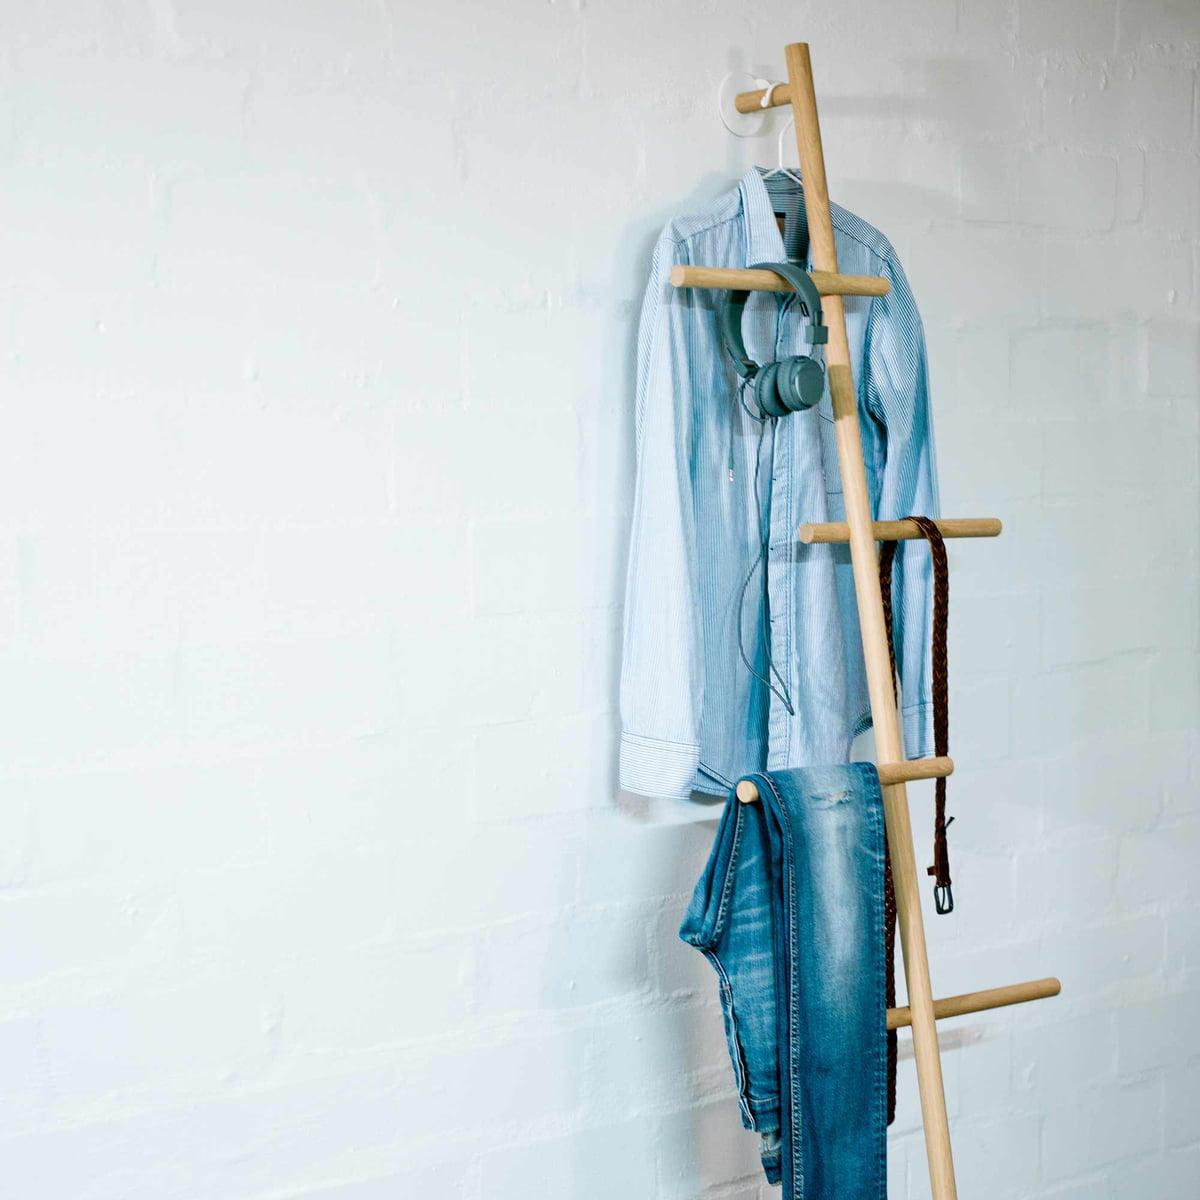 Handtuchleiter Eiche wendra handtuchhalter garderobe kommod